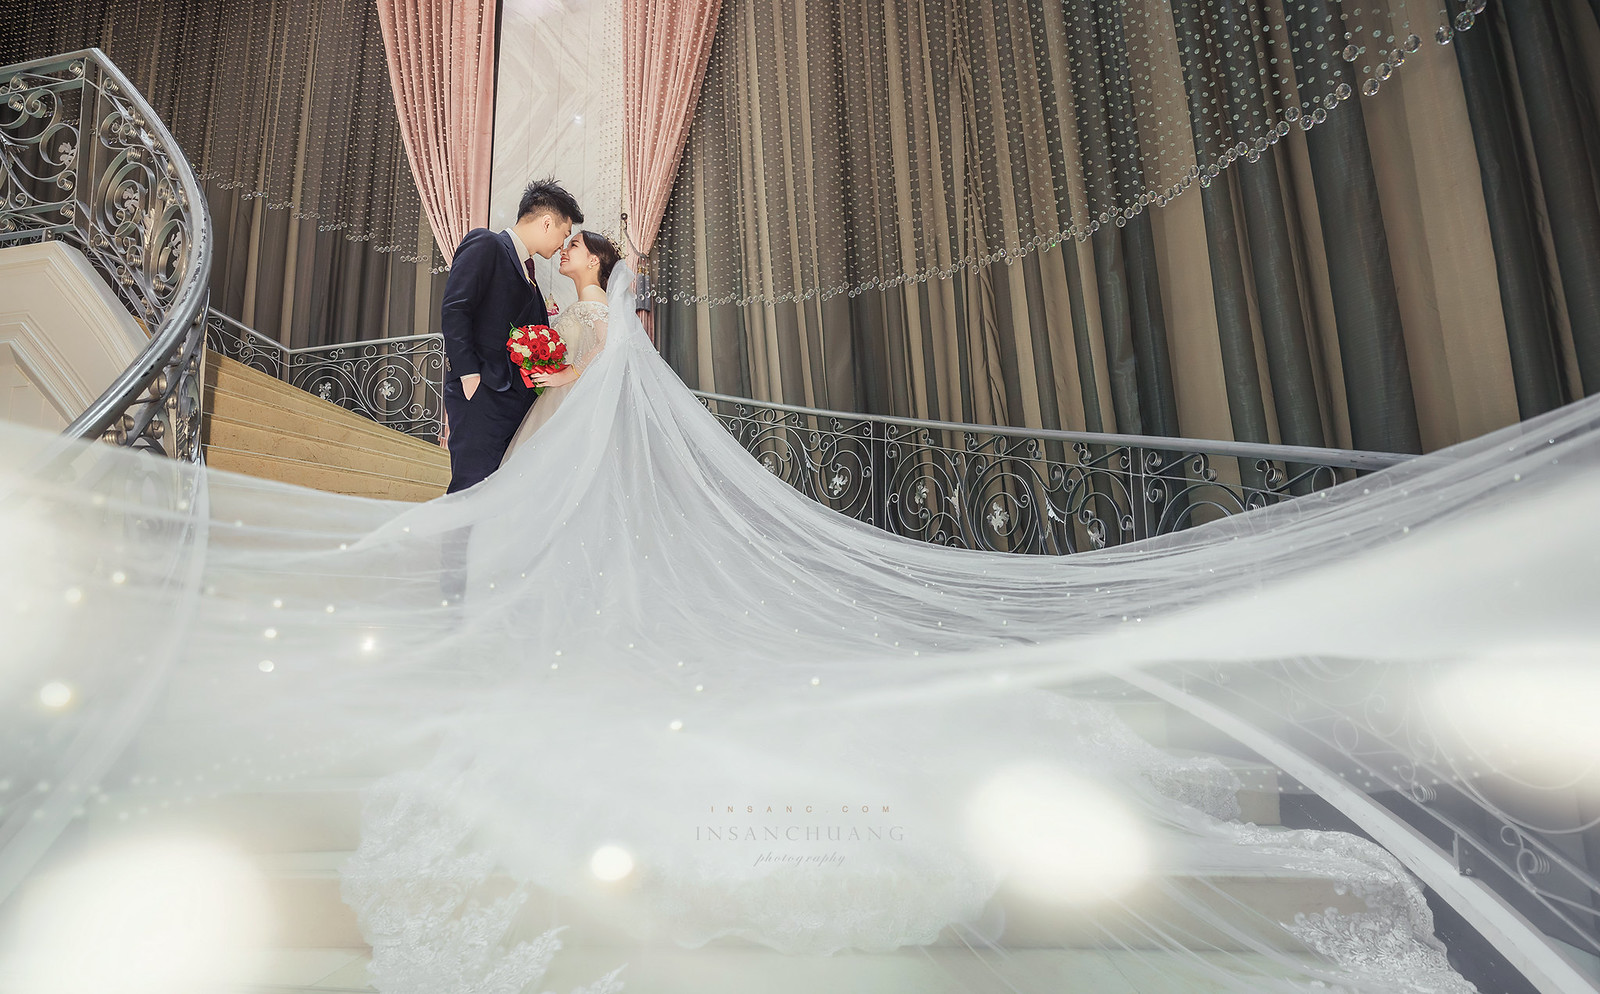 婚攝英聖-新莊-晶宴會館-c劇場-婚攝英聖-新莊晶宴-20210327131025-1920